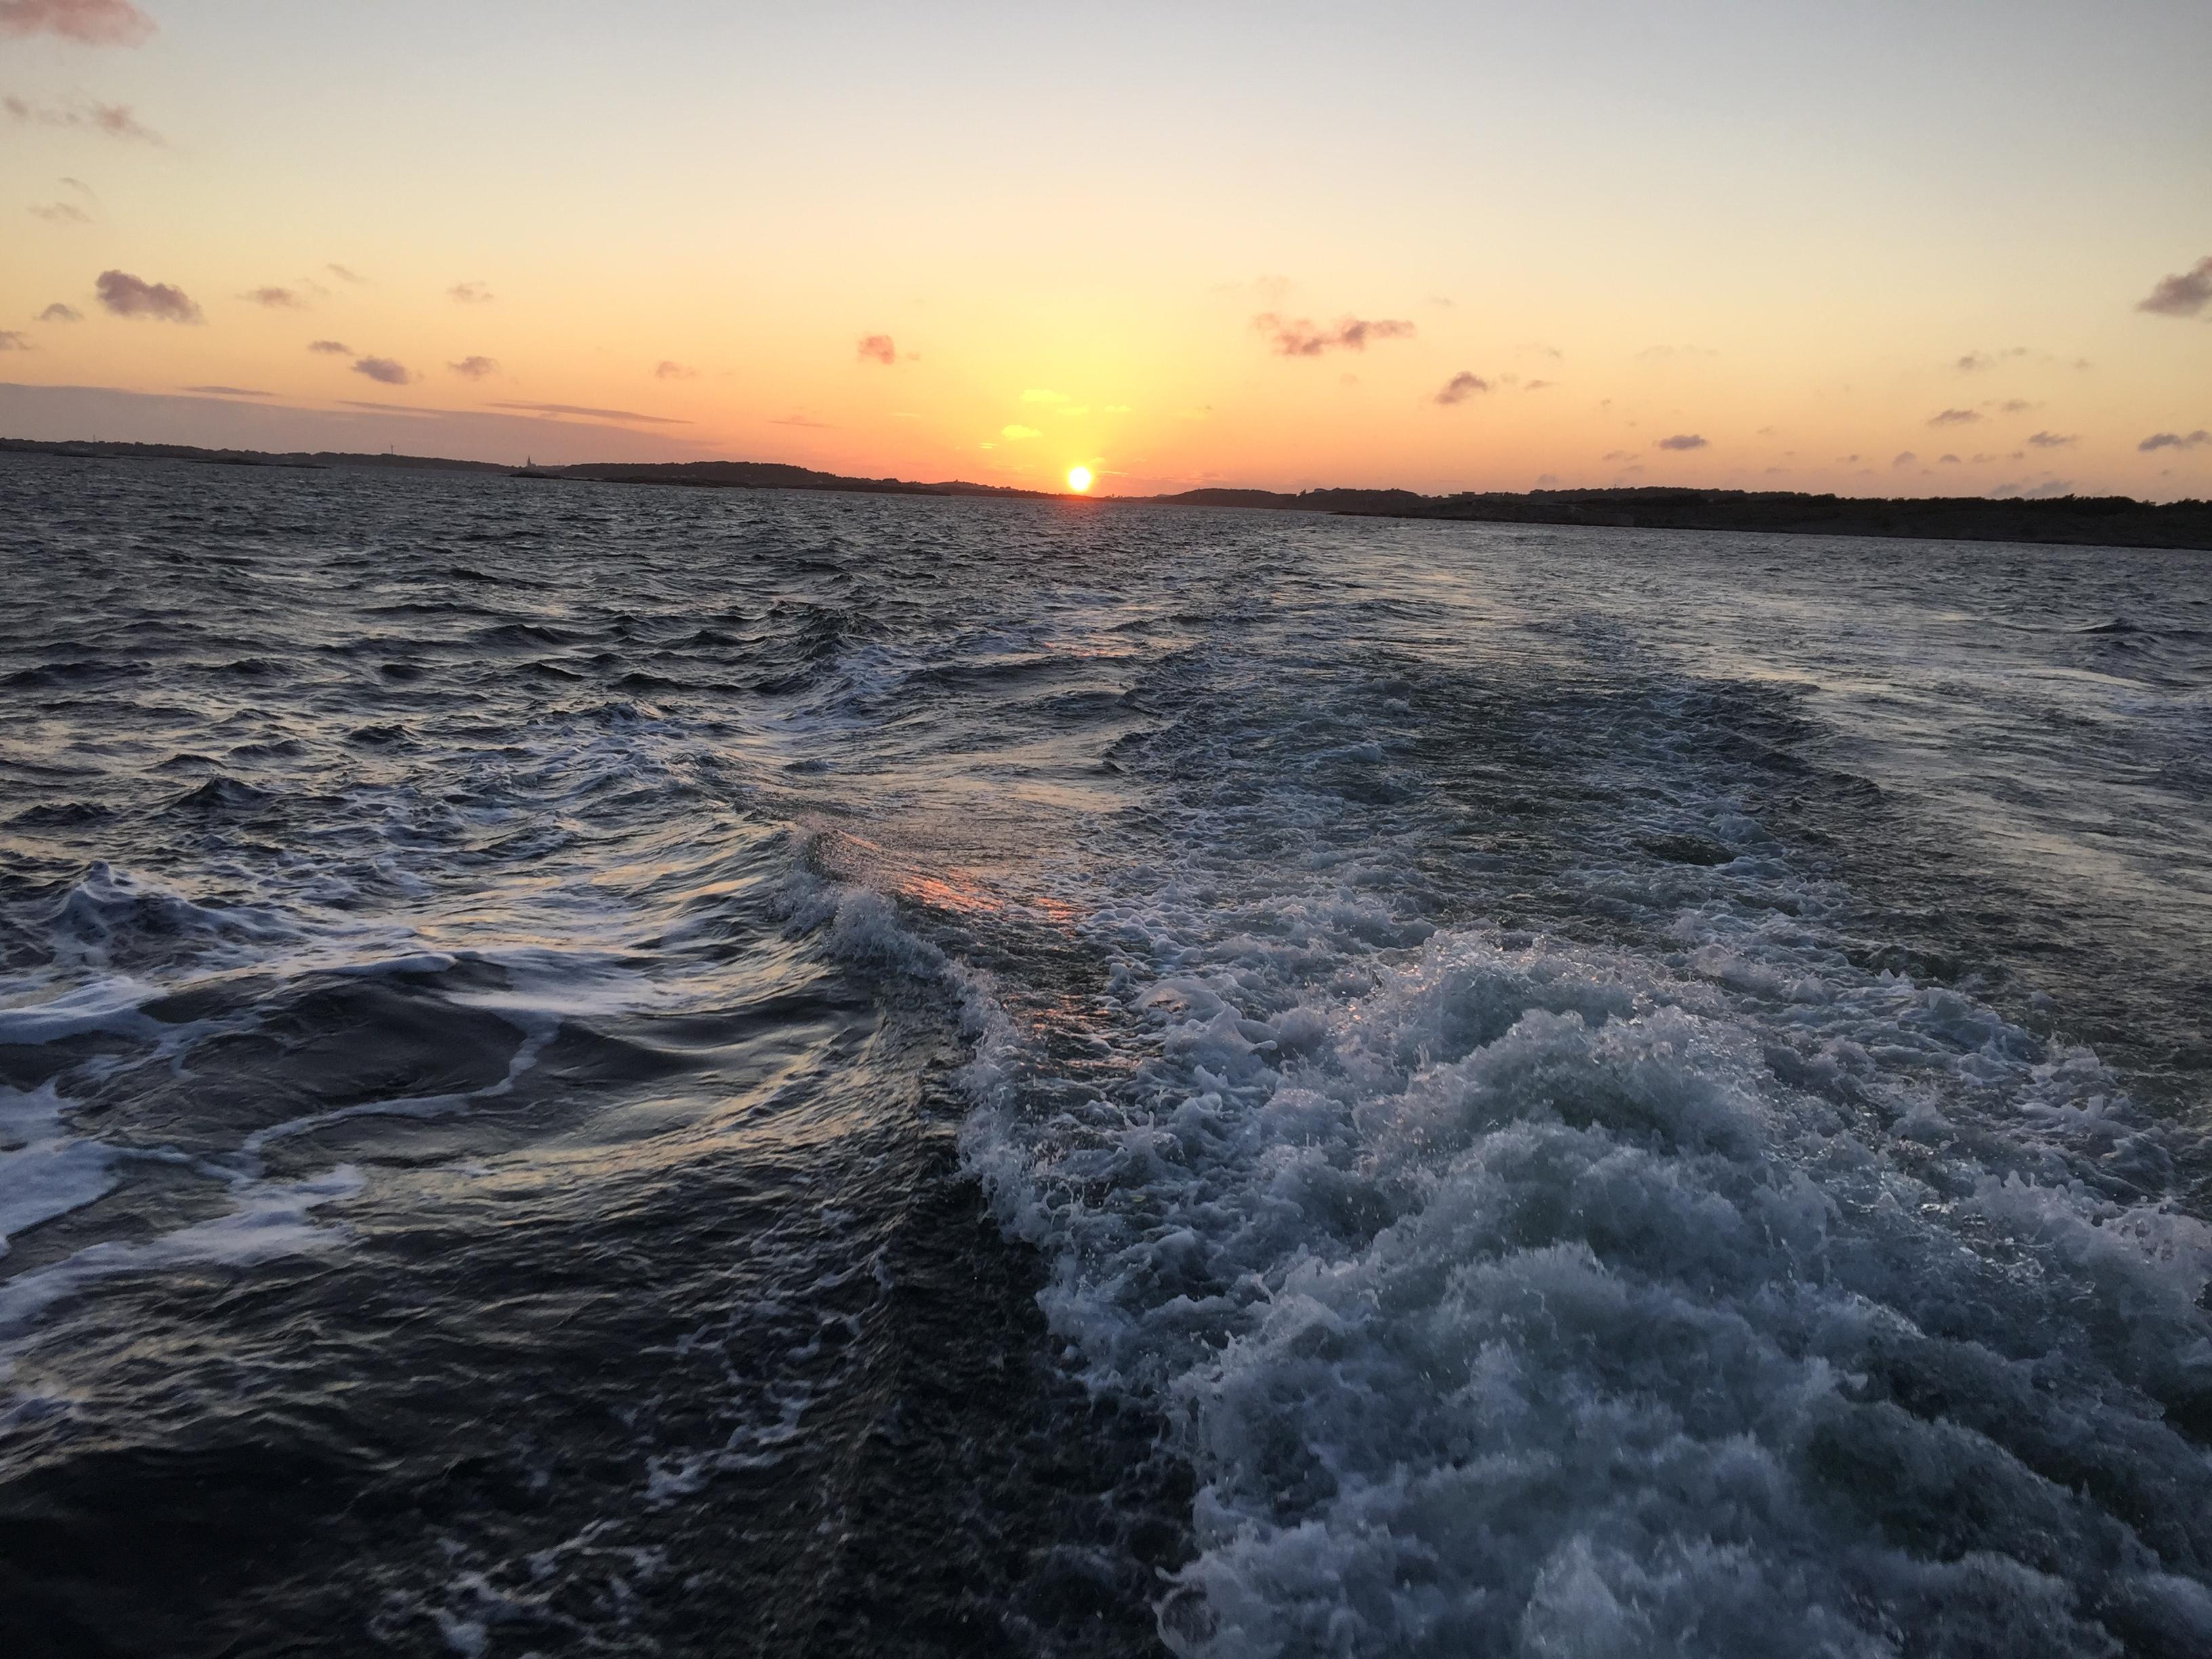 Skön båttur i solnedgången | Foto: Patrik Krantz